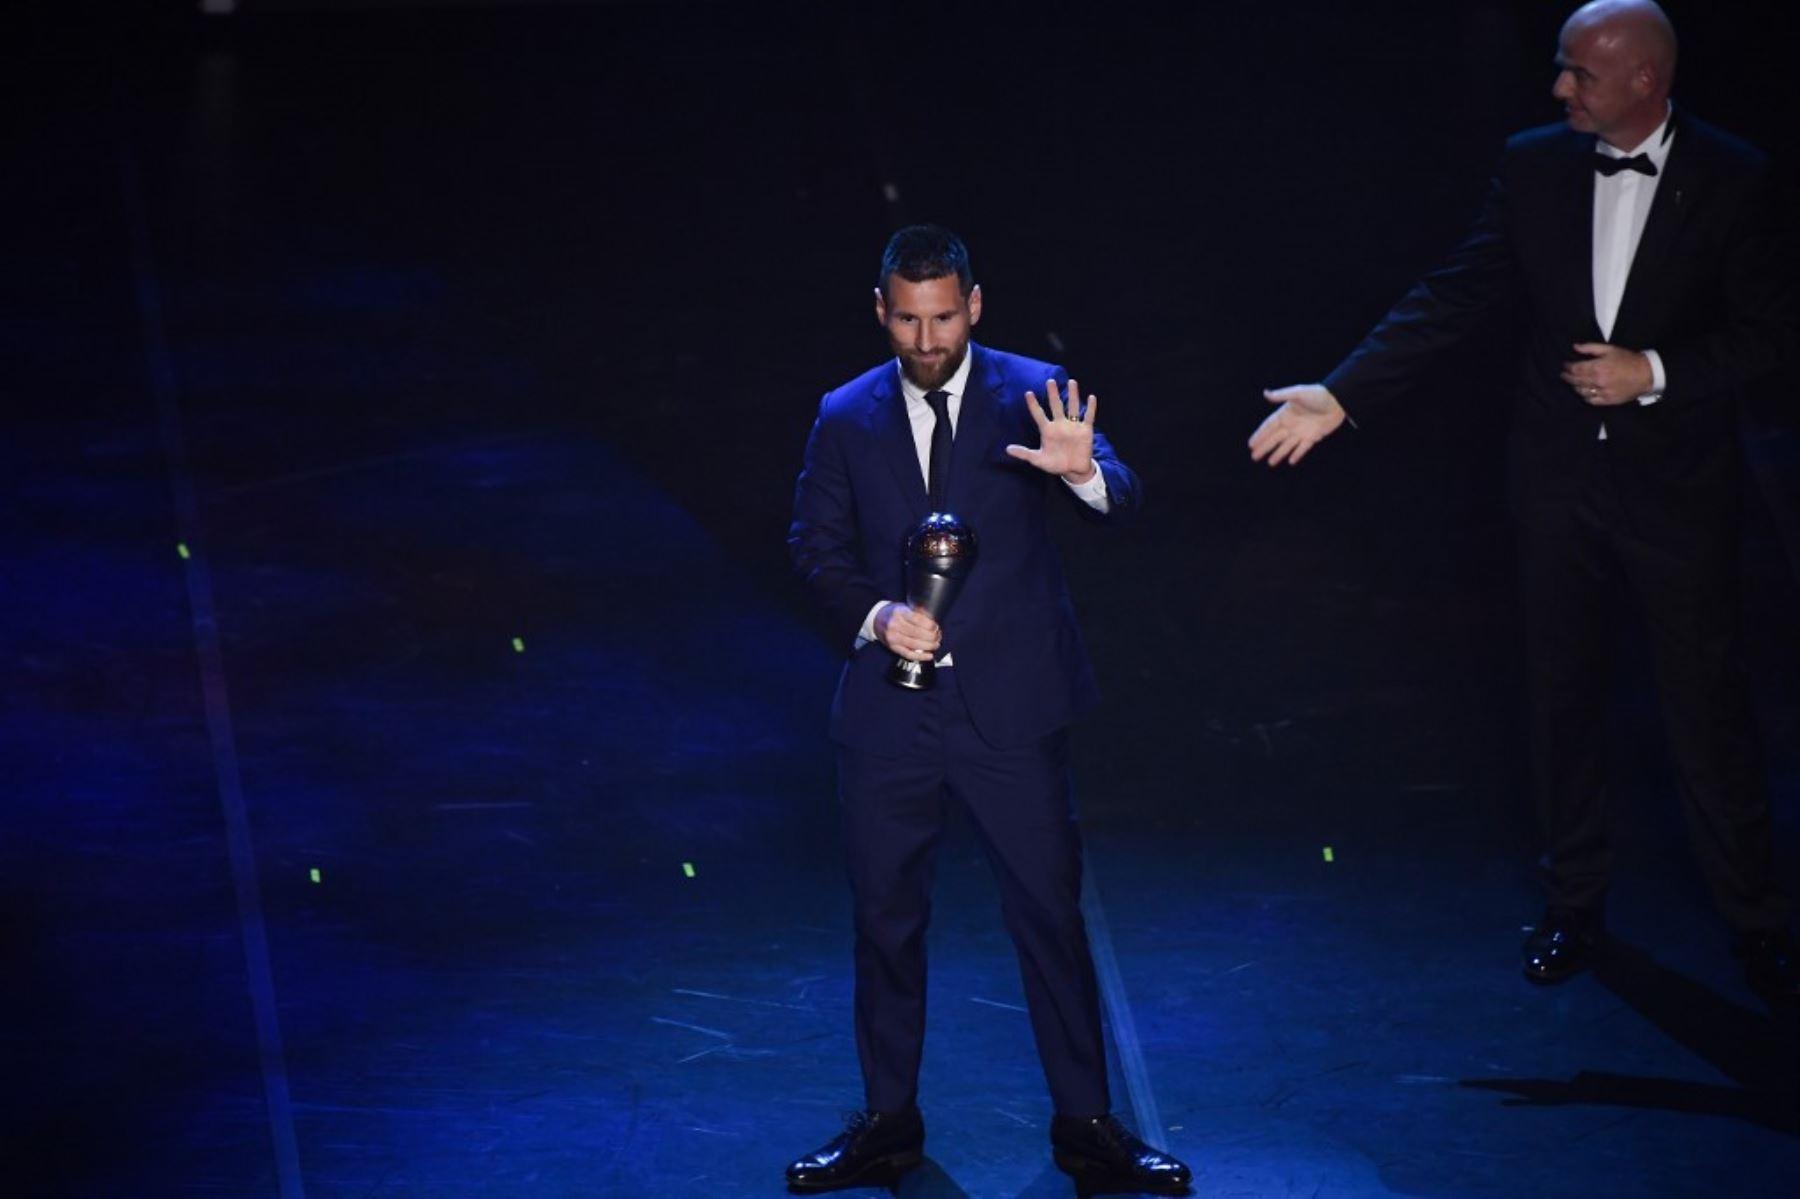 Lionel Messi gana el premio The Best de la FIFA al mejor jugador del 2019